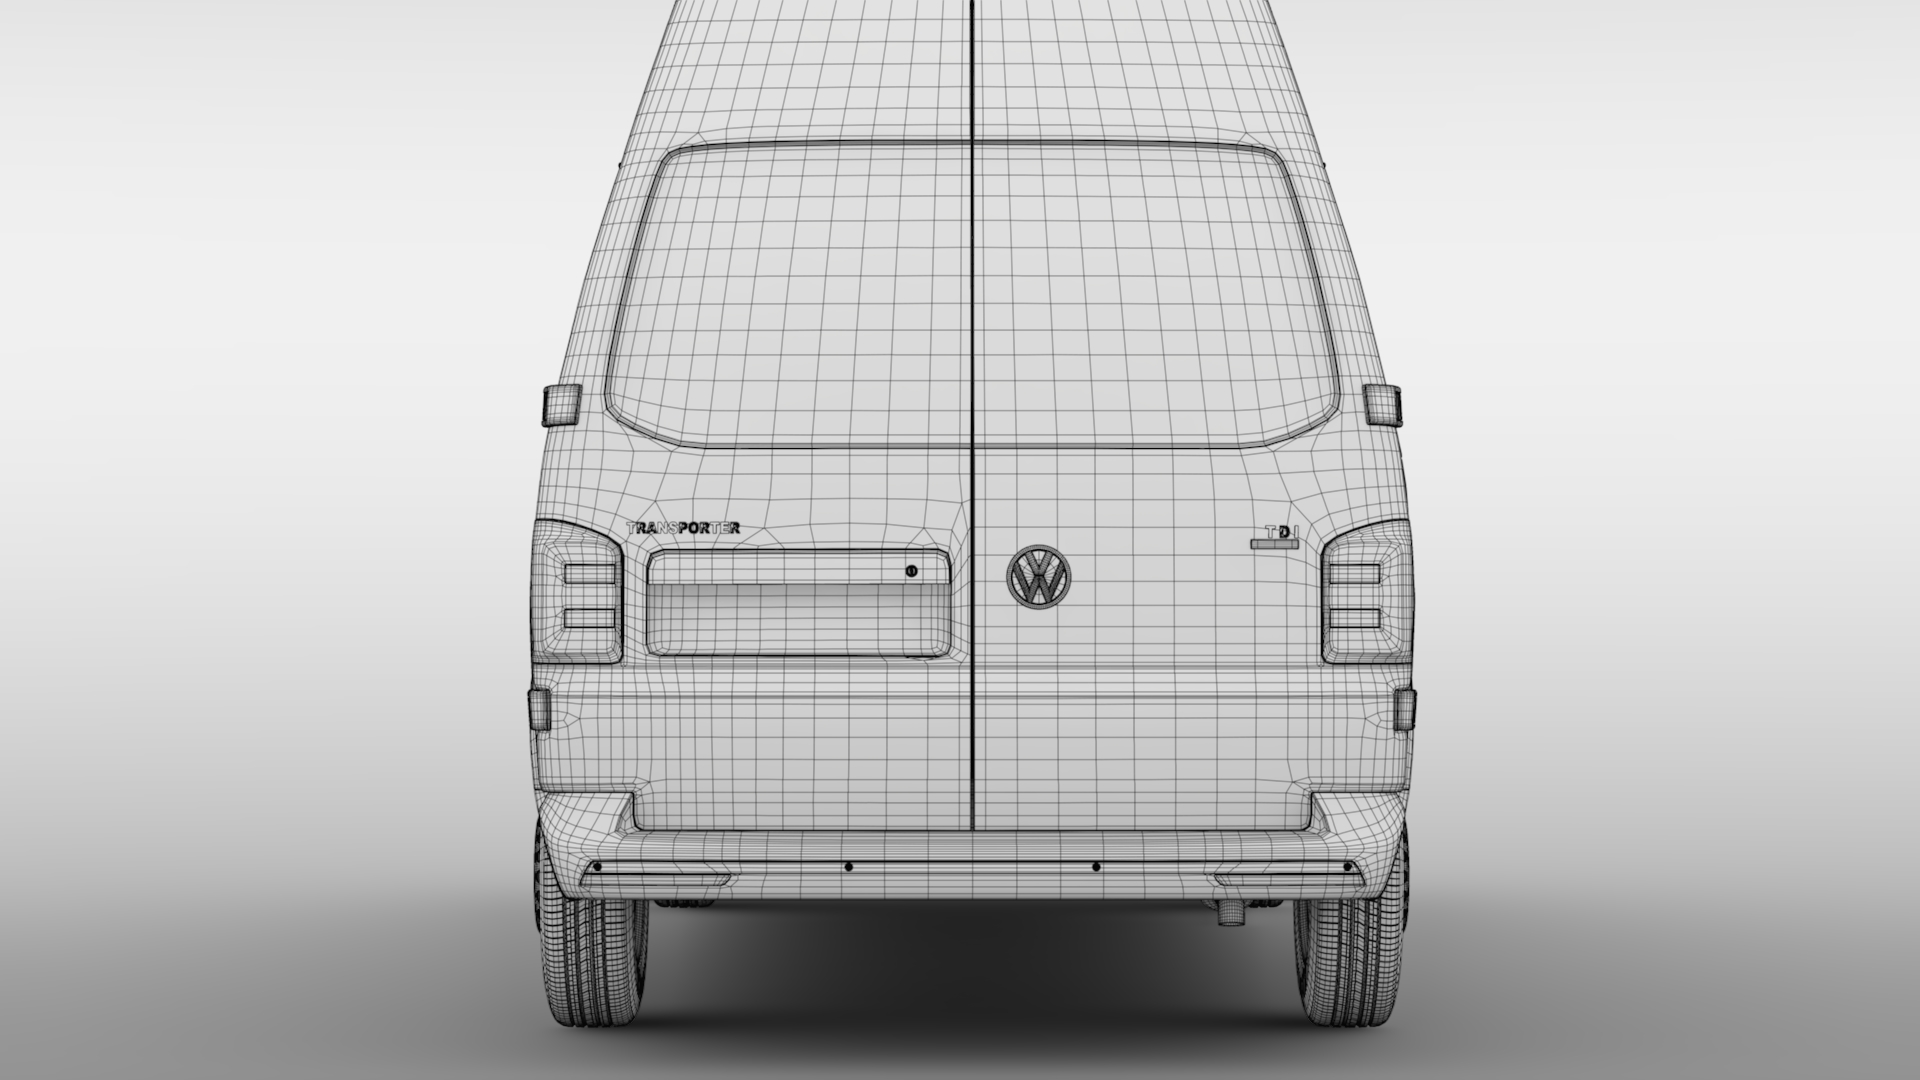 volkswagen transporter van l2h3 t6 2017 3d model max fbx c4d lwo ma mb hrc xsi obj 275307